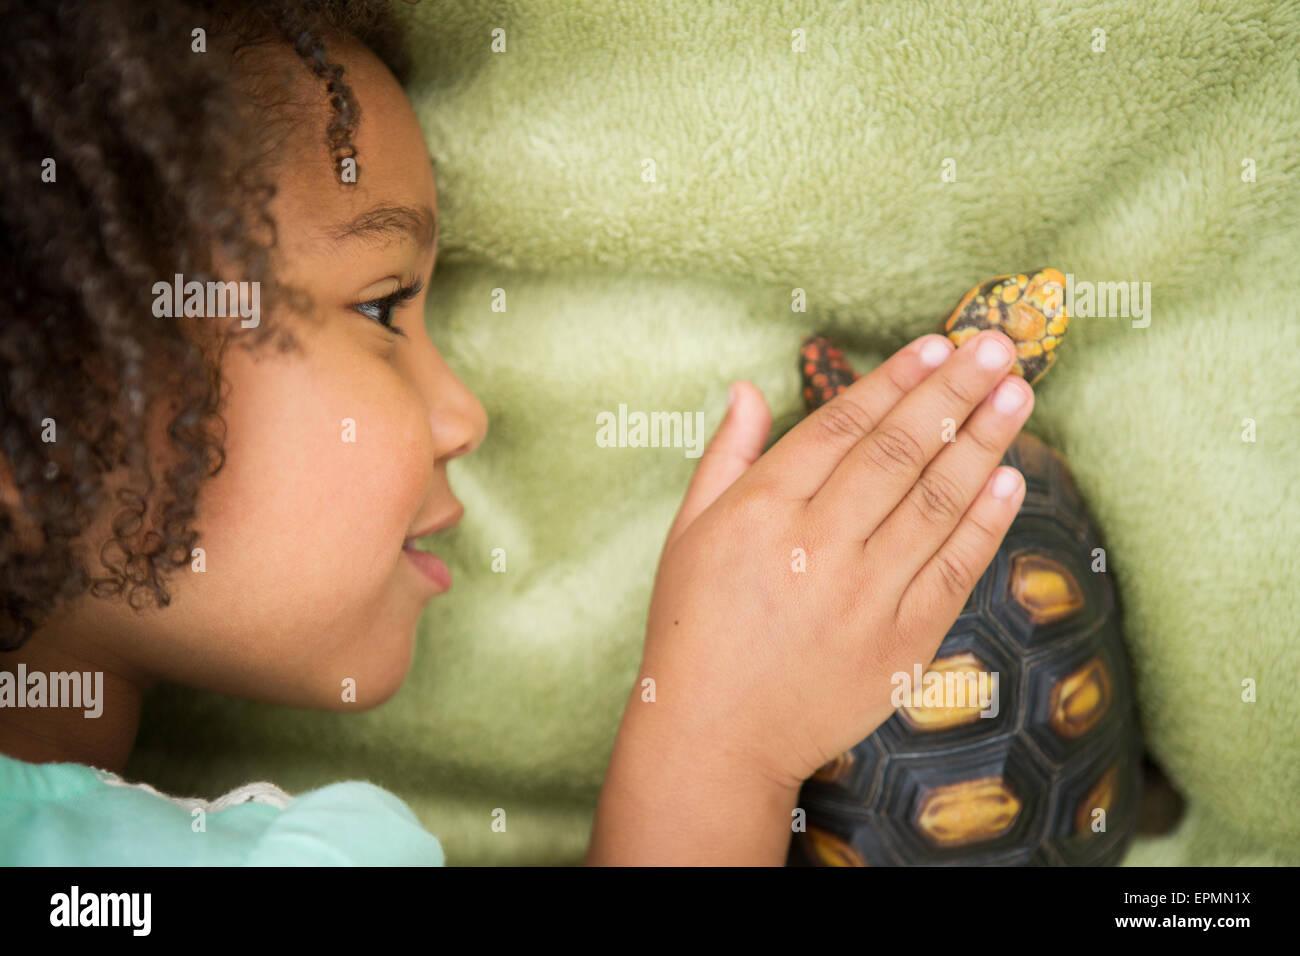 Une jeune fille à la recherche de près une tortue. Photo Stock